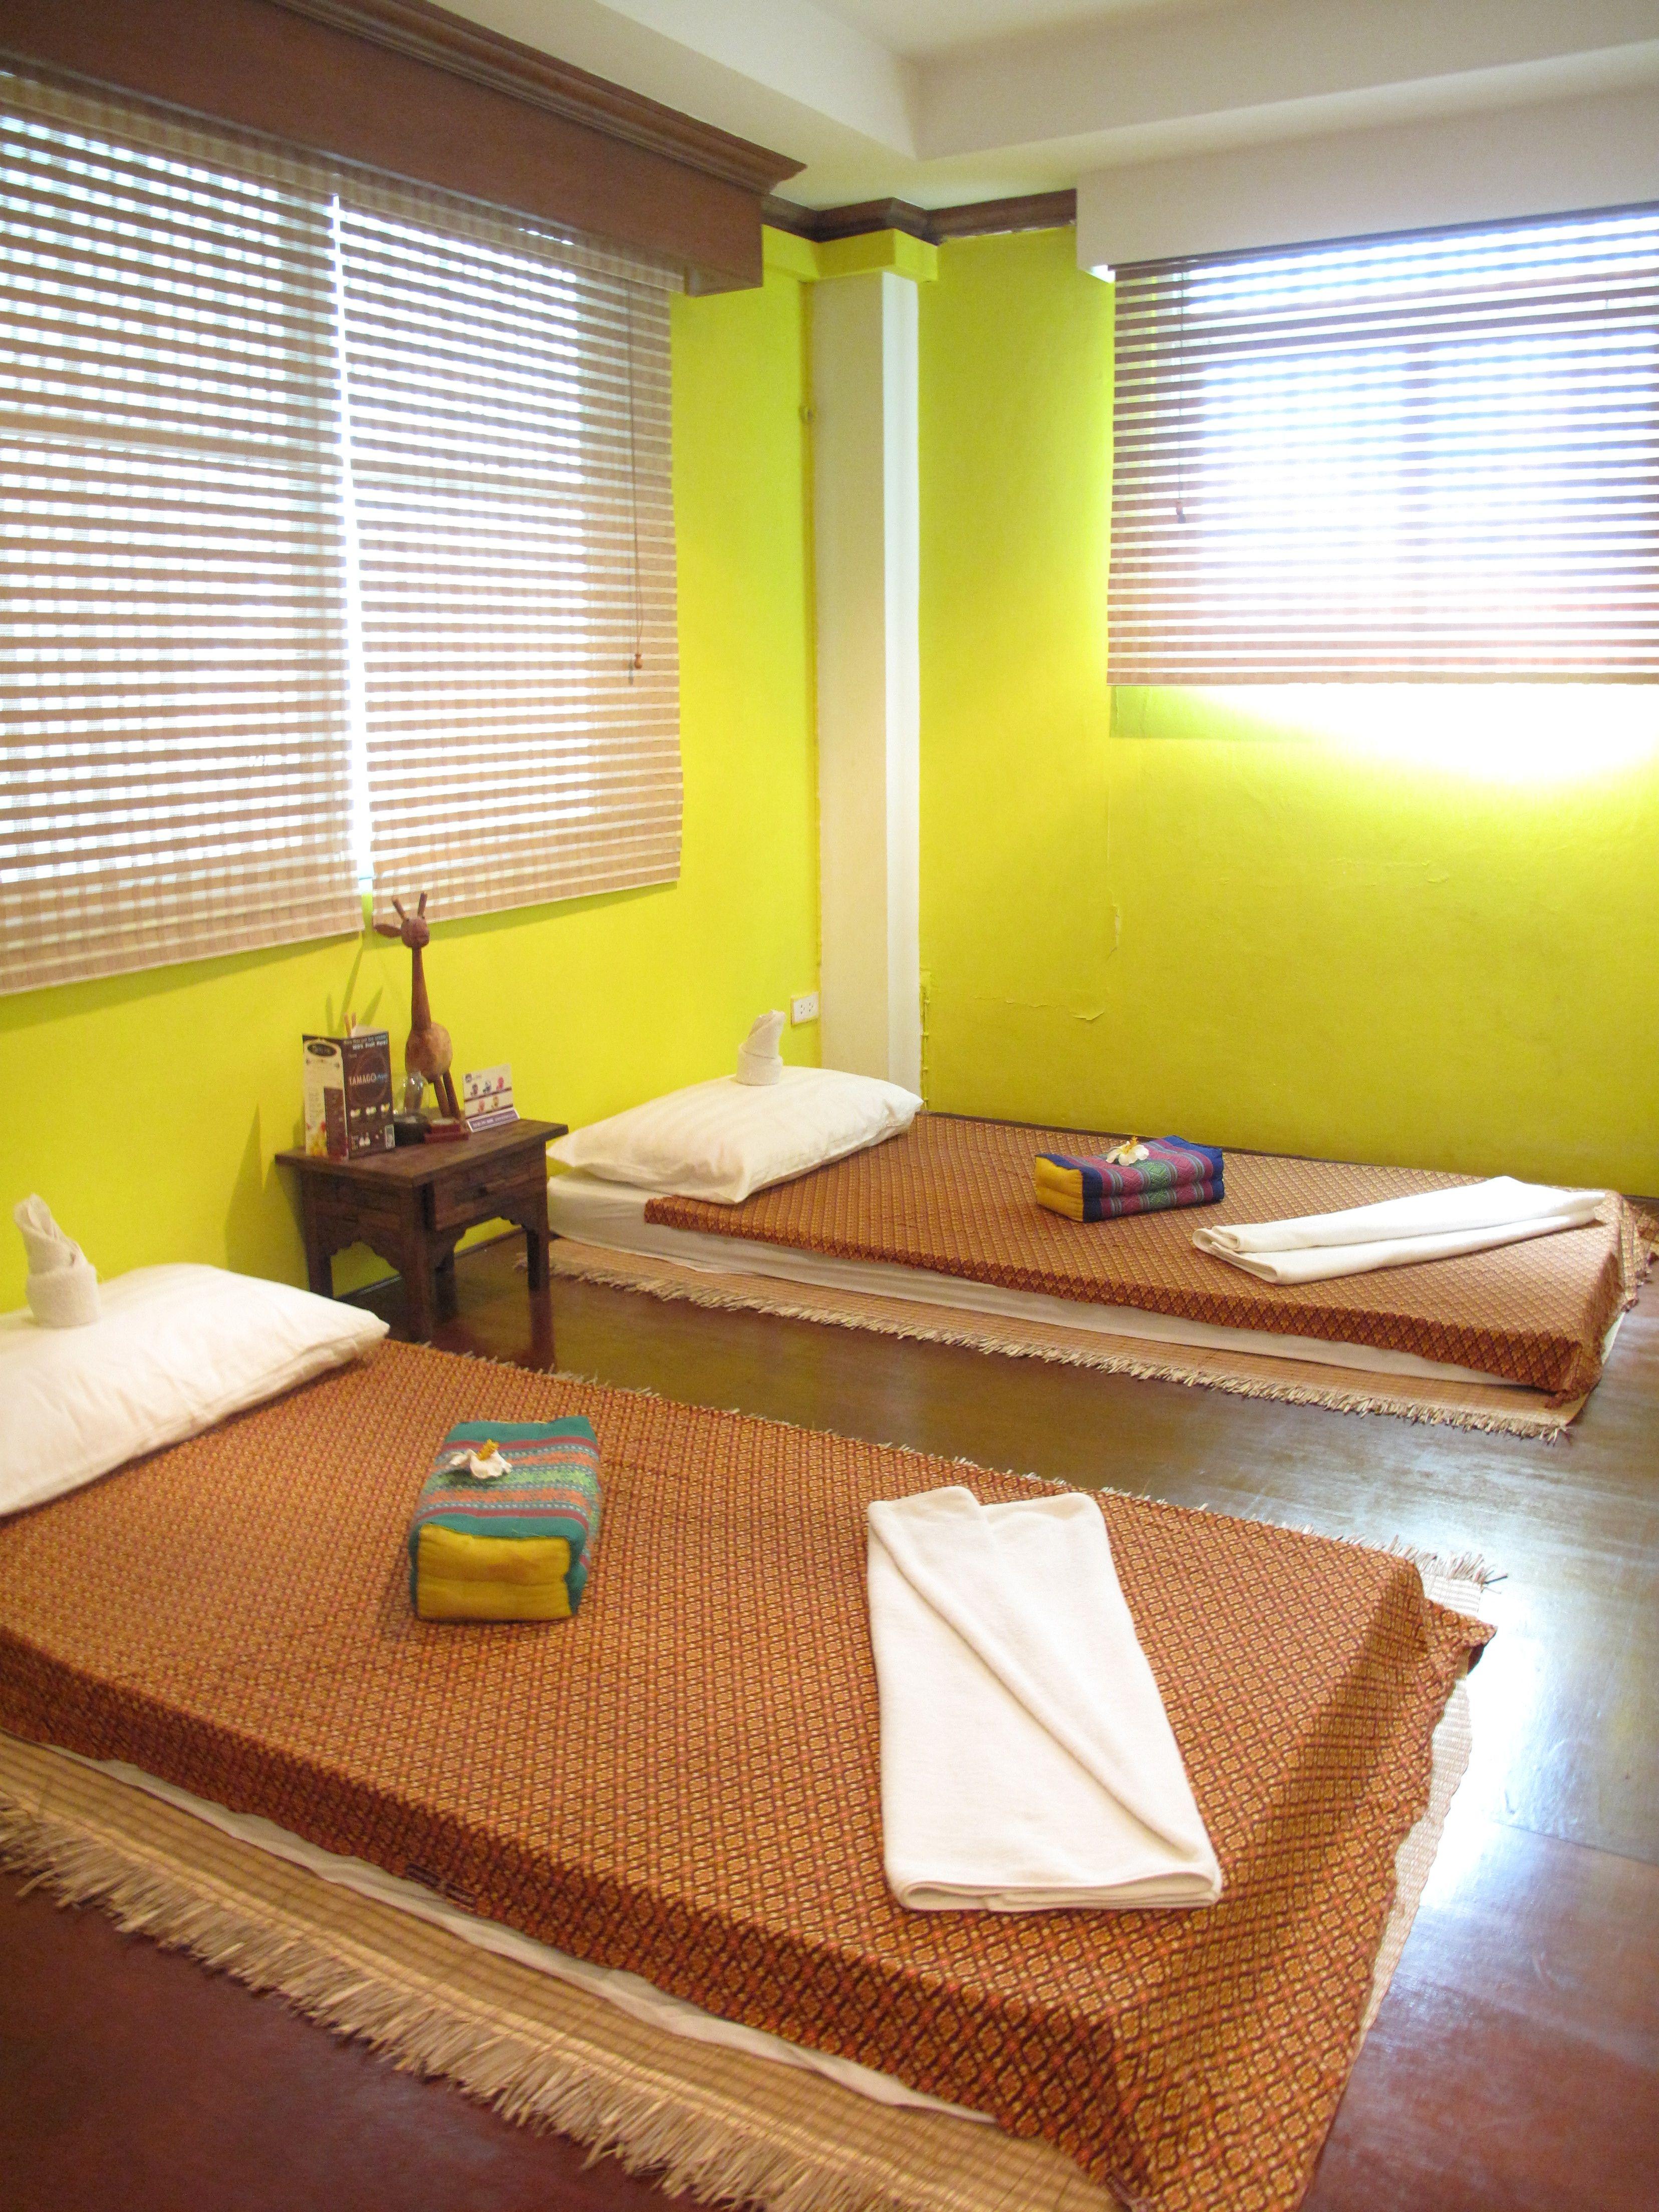 Thai Massage Mattress